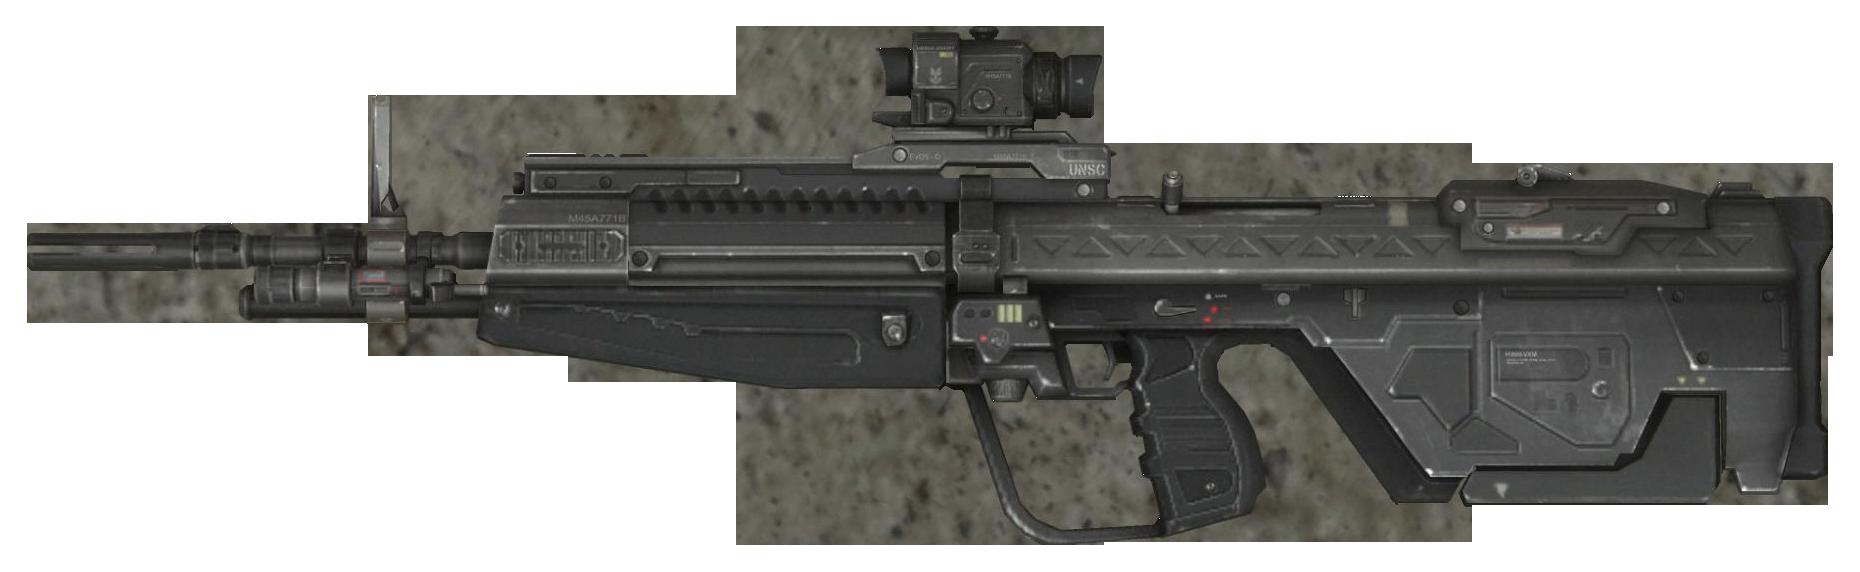 M392-DMR-TransparentSide.png